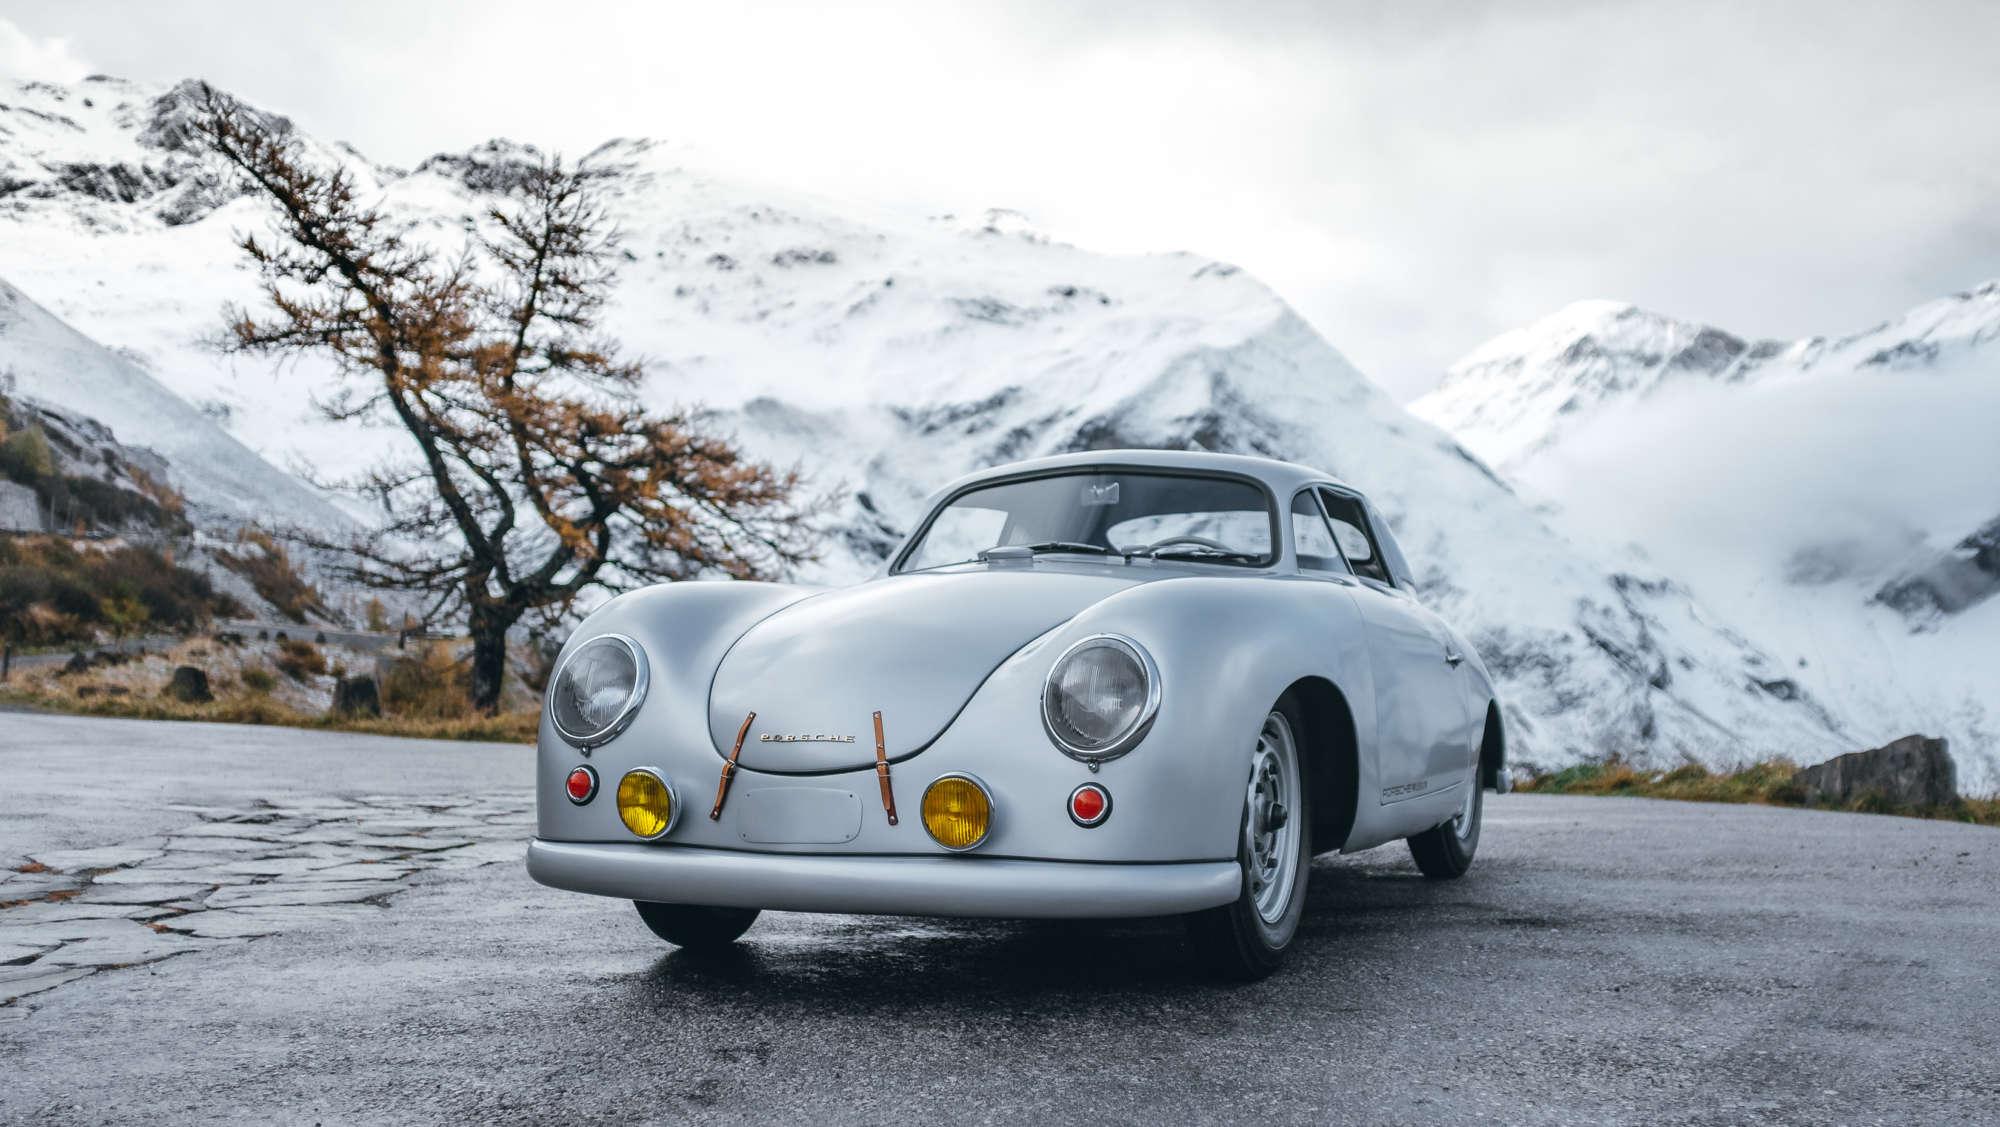 The 5 lightest Porsche models